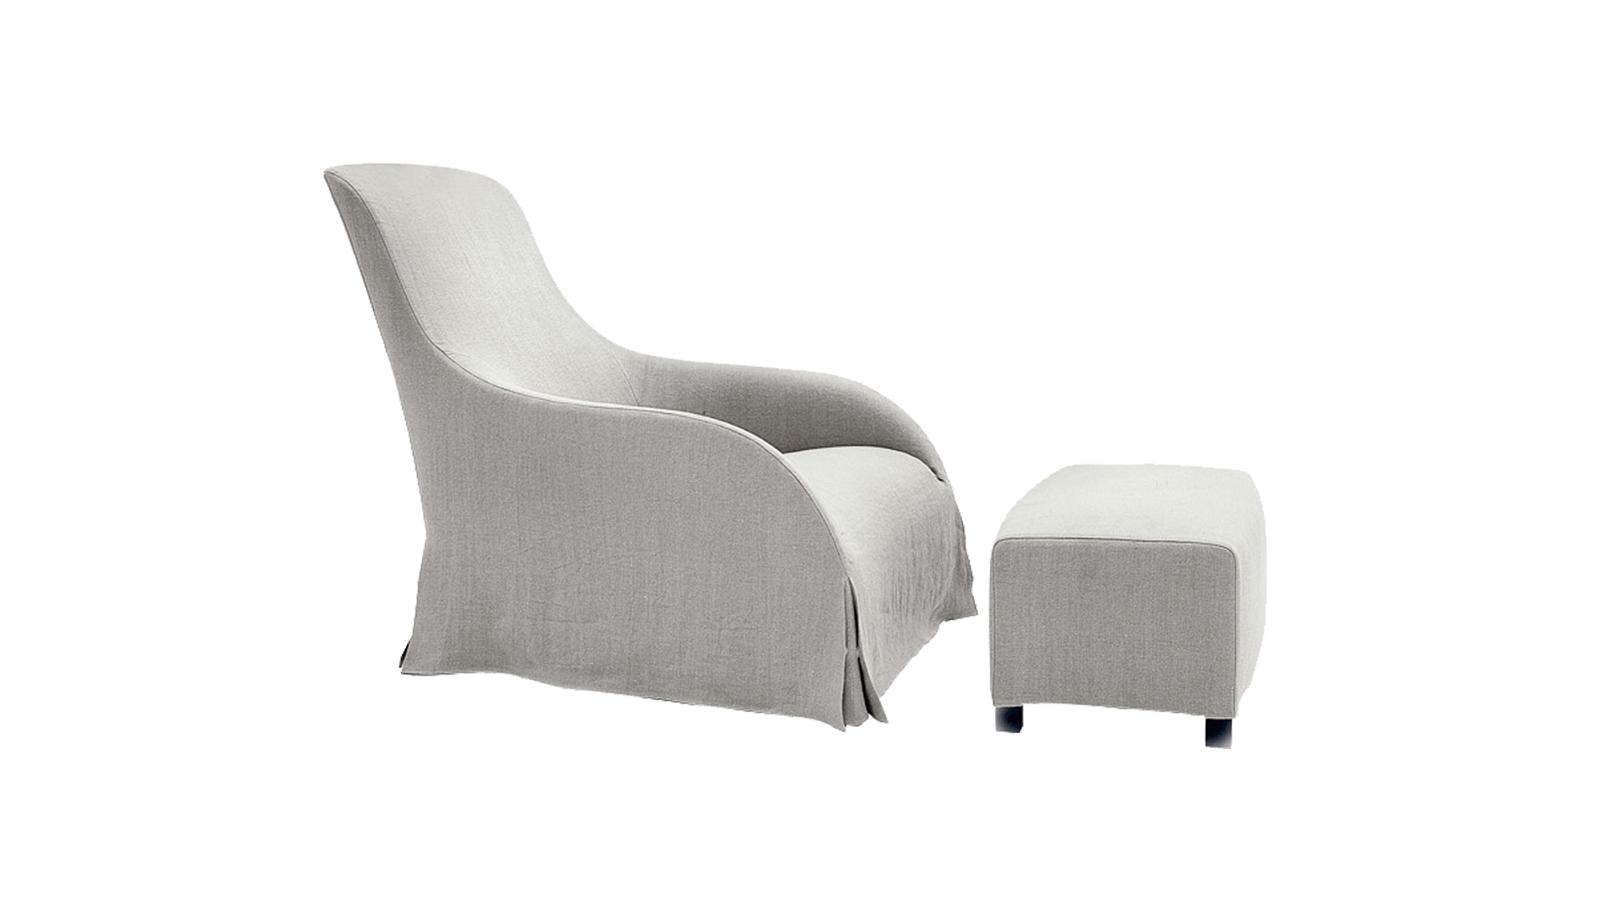 Antonio Citterio a B&B Italia Maxalto kollekciójának darabjaként tervezte a Kalos fotelt. A bútor modern interpretációja a klasszikus karosszékek esztétikájának; szövet és bőr kárpitozásban is kapható. A szerkezet rejtettsége titokzatosságot rejt: a tartószerkezet és a lábak egyáltalán nem látszanak a kárpit alól, a végeredmény így egy homogén, tökéletes egységben pompázó, végtelenül elegáns ülőalkalmatosság. Igazolja azt az igényt, amelyet a B&B Italia fogalmazott meg a Maxalto kollekcióban a modern technológia és a tradíciók keresztezésével.